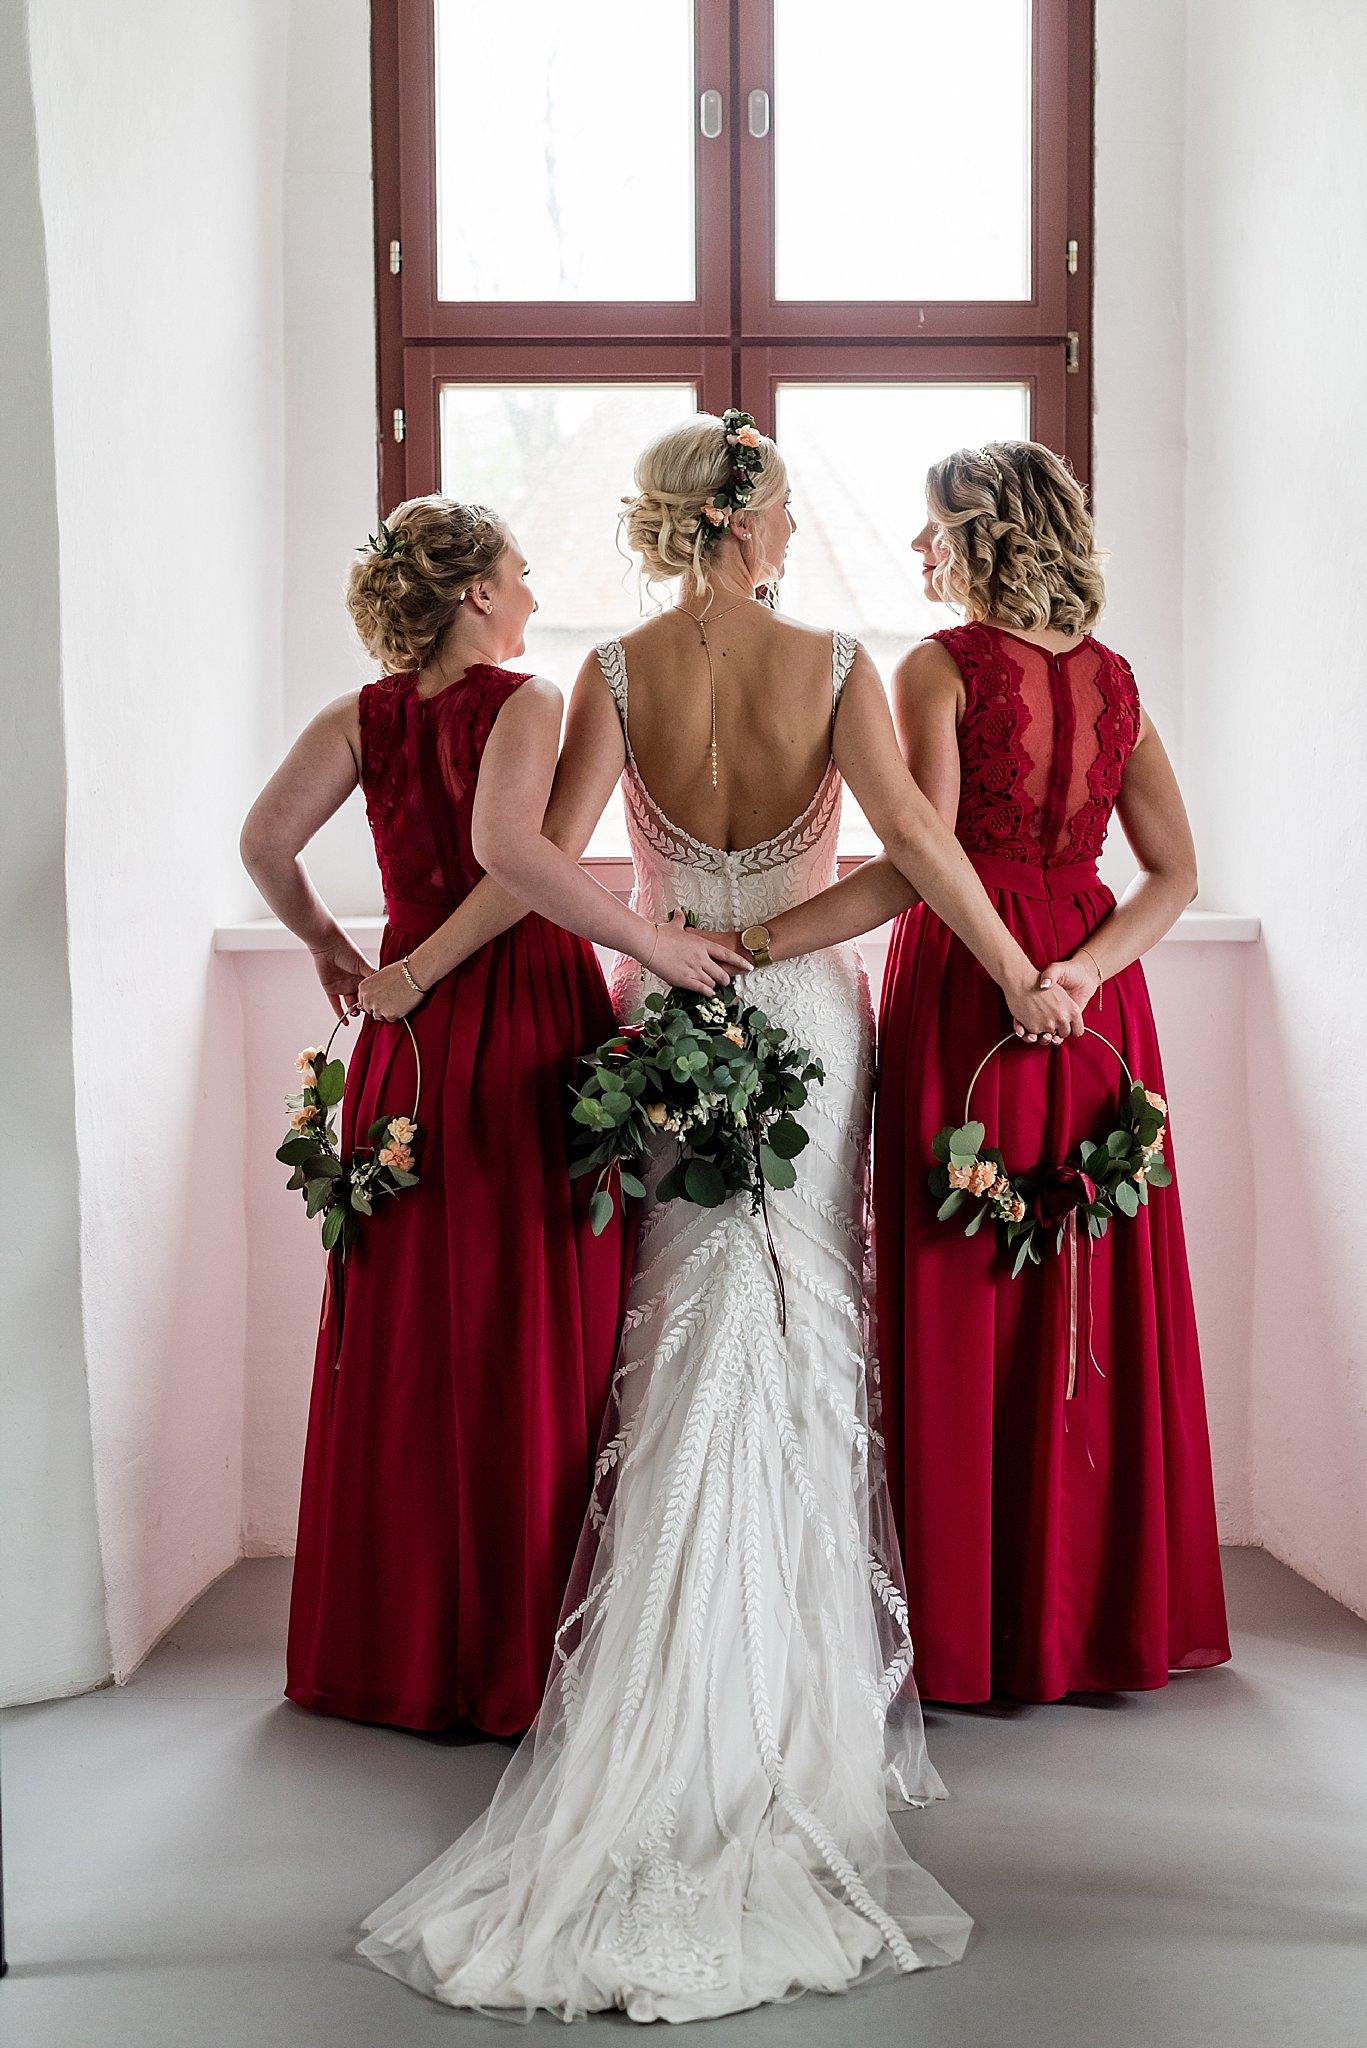 Hochzeit-von-Marina-Dominik-auf-Burg-Wernberg-und-Schloss-Friedrichsburg-00086